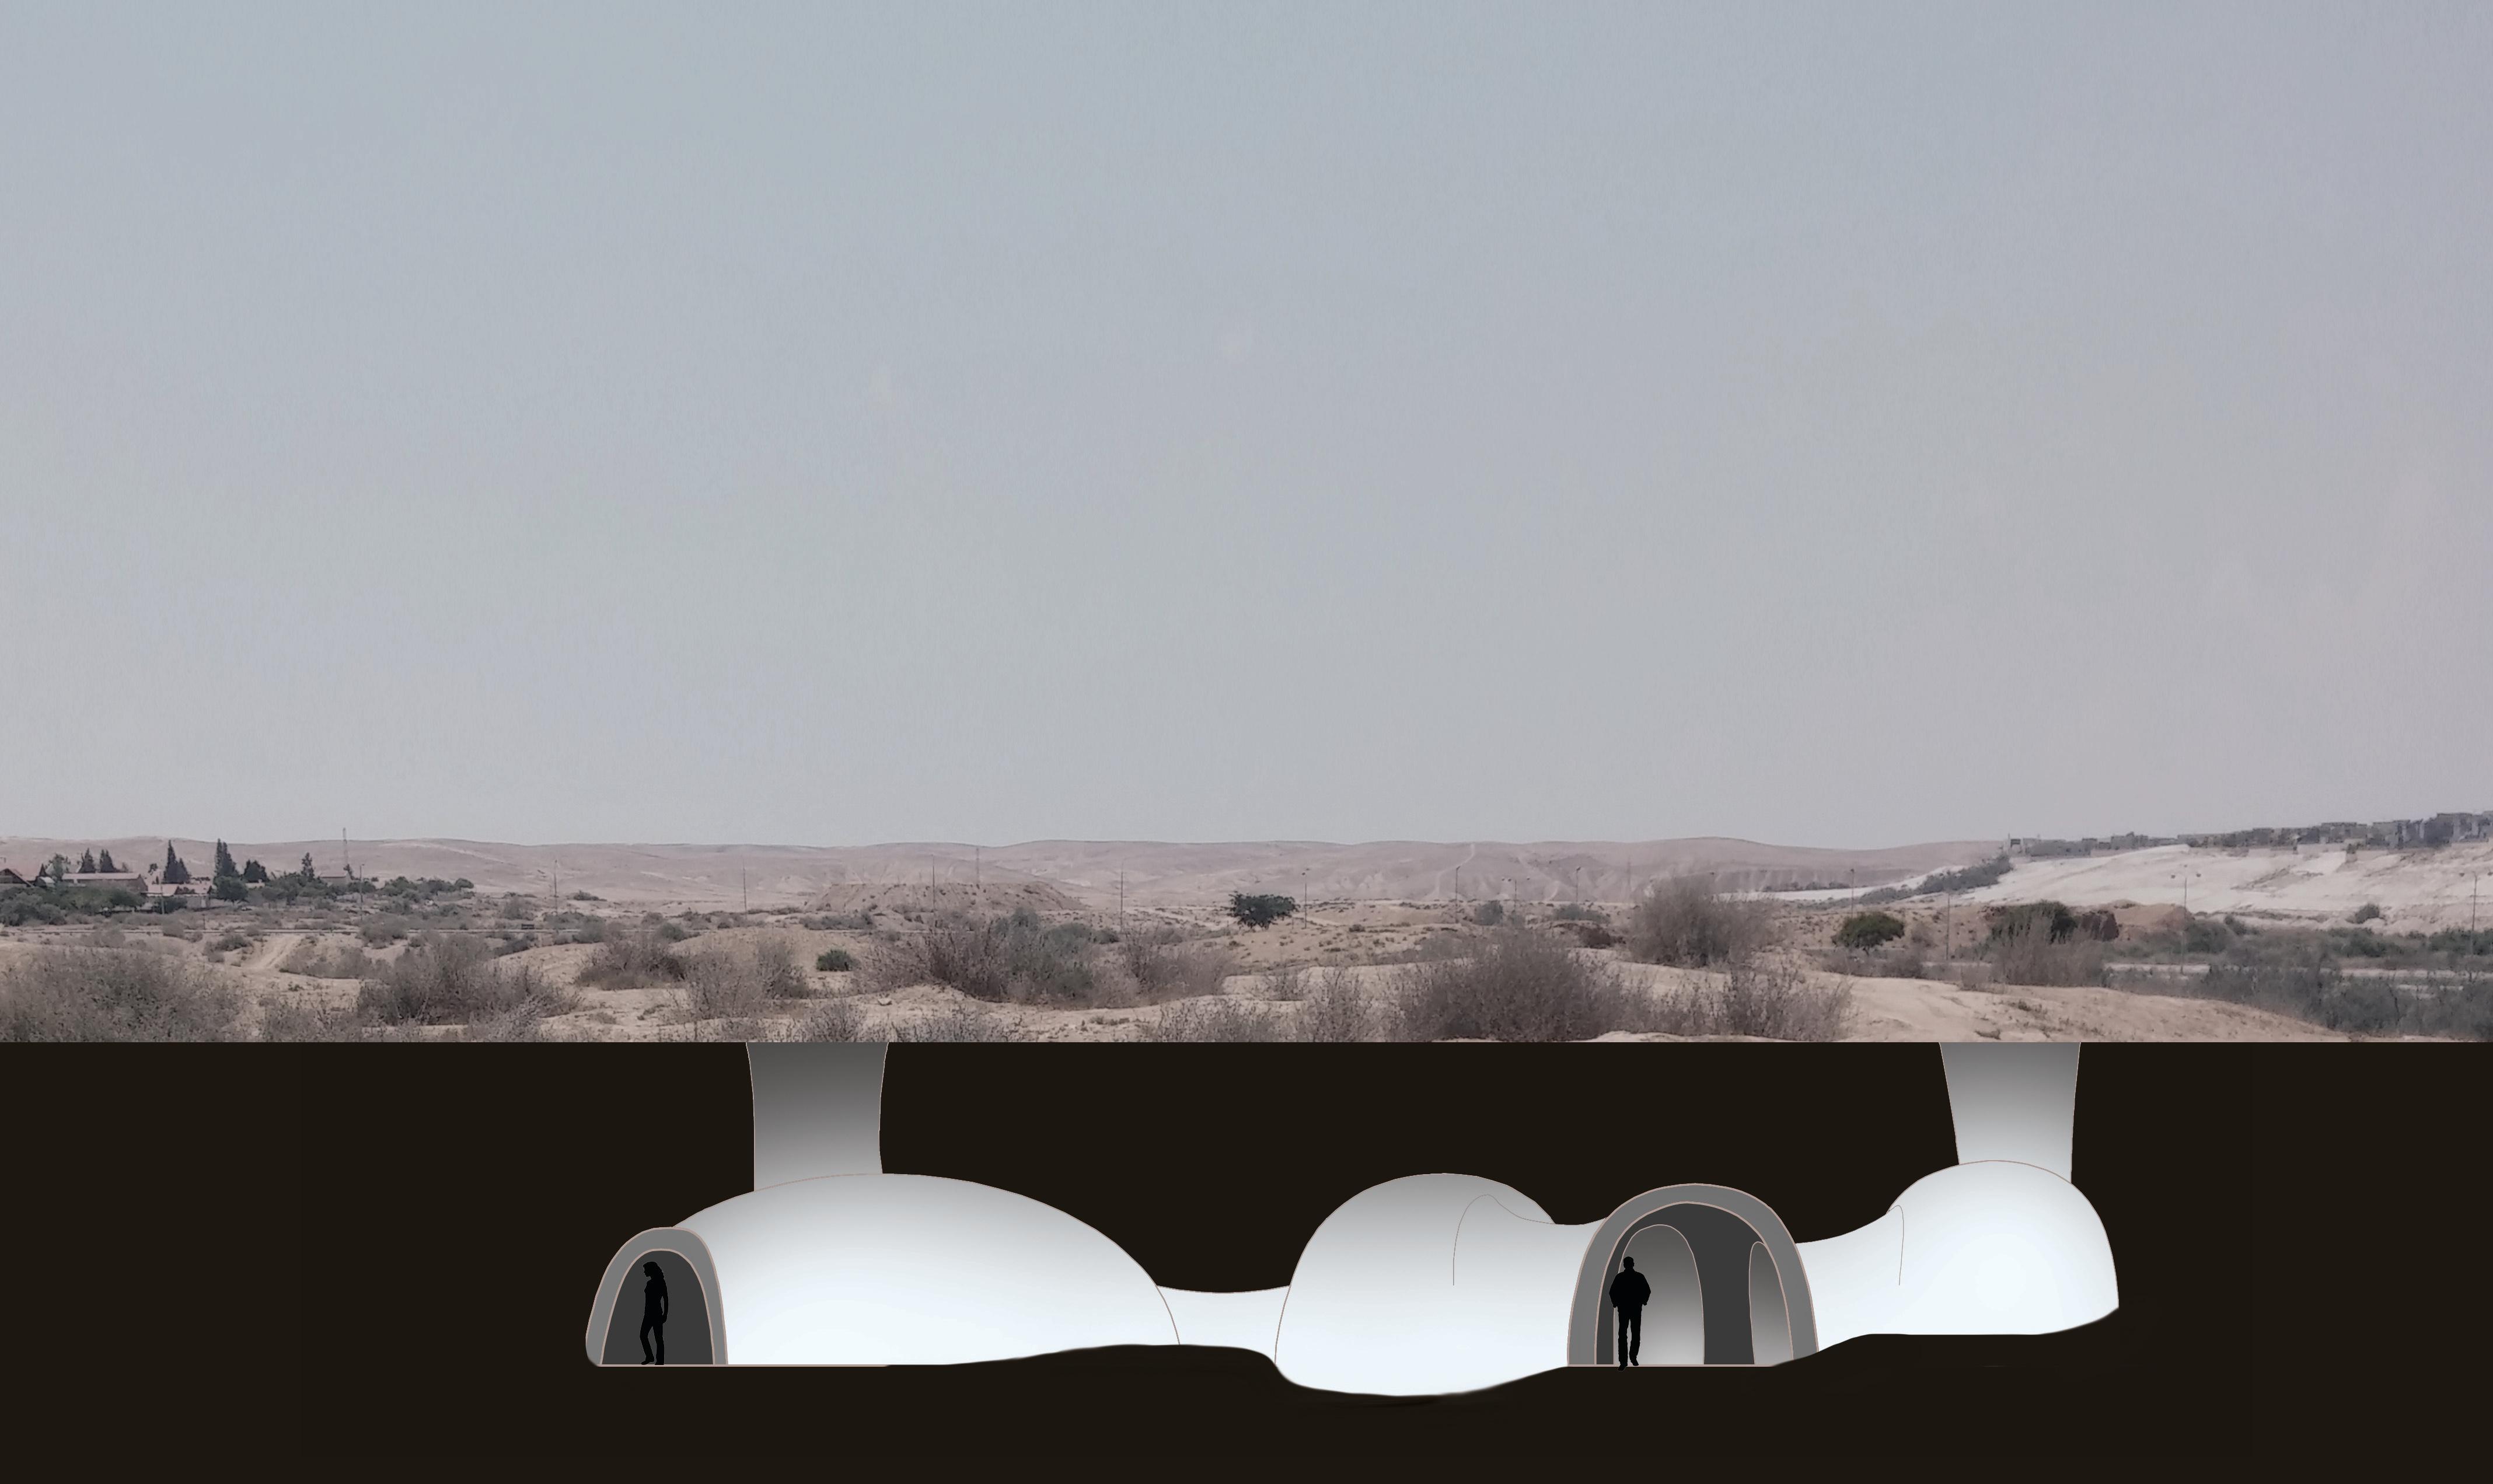 הדמיית מגורים בשטח ארכיאולוגי